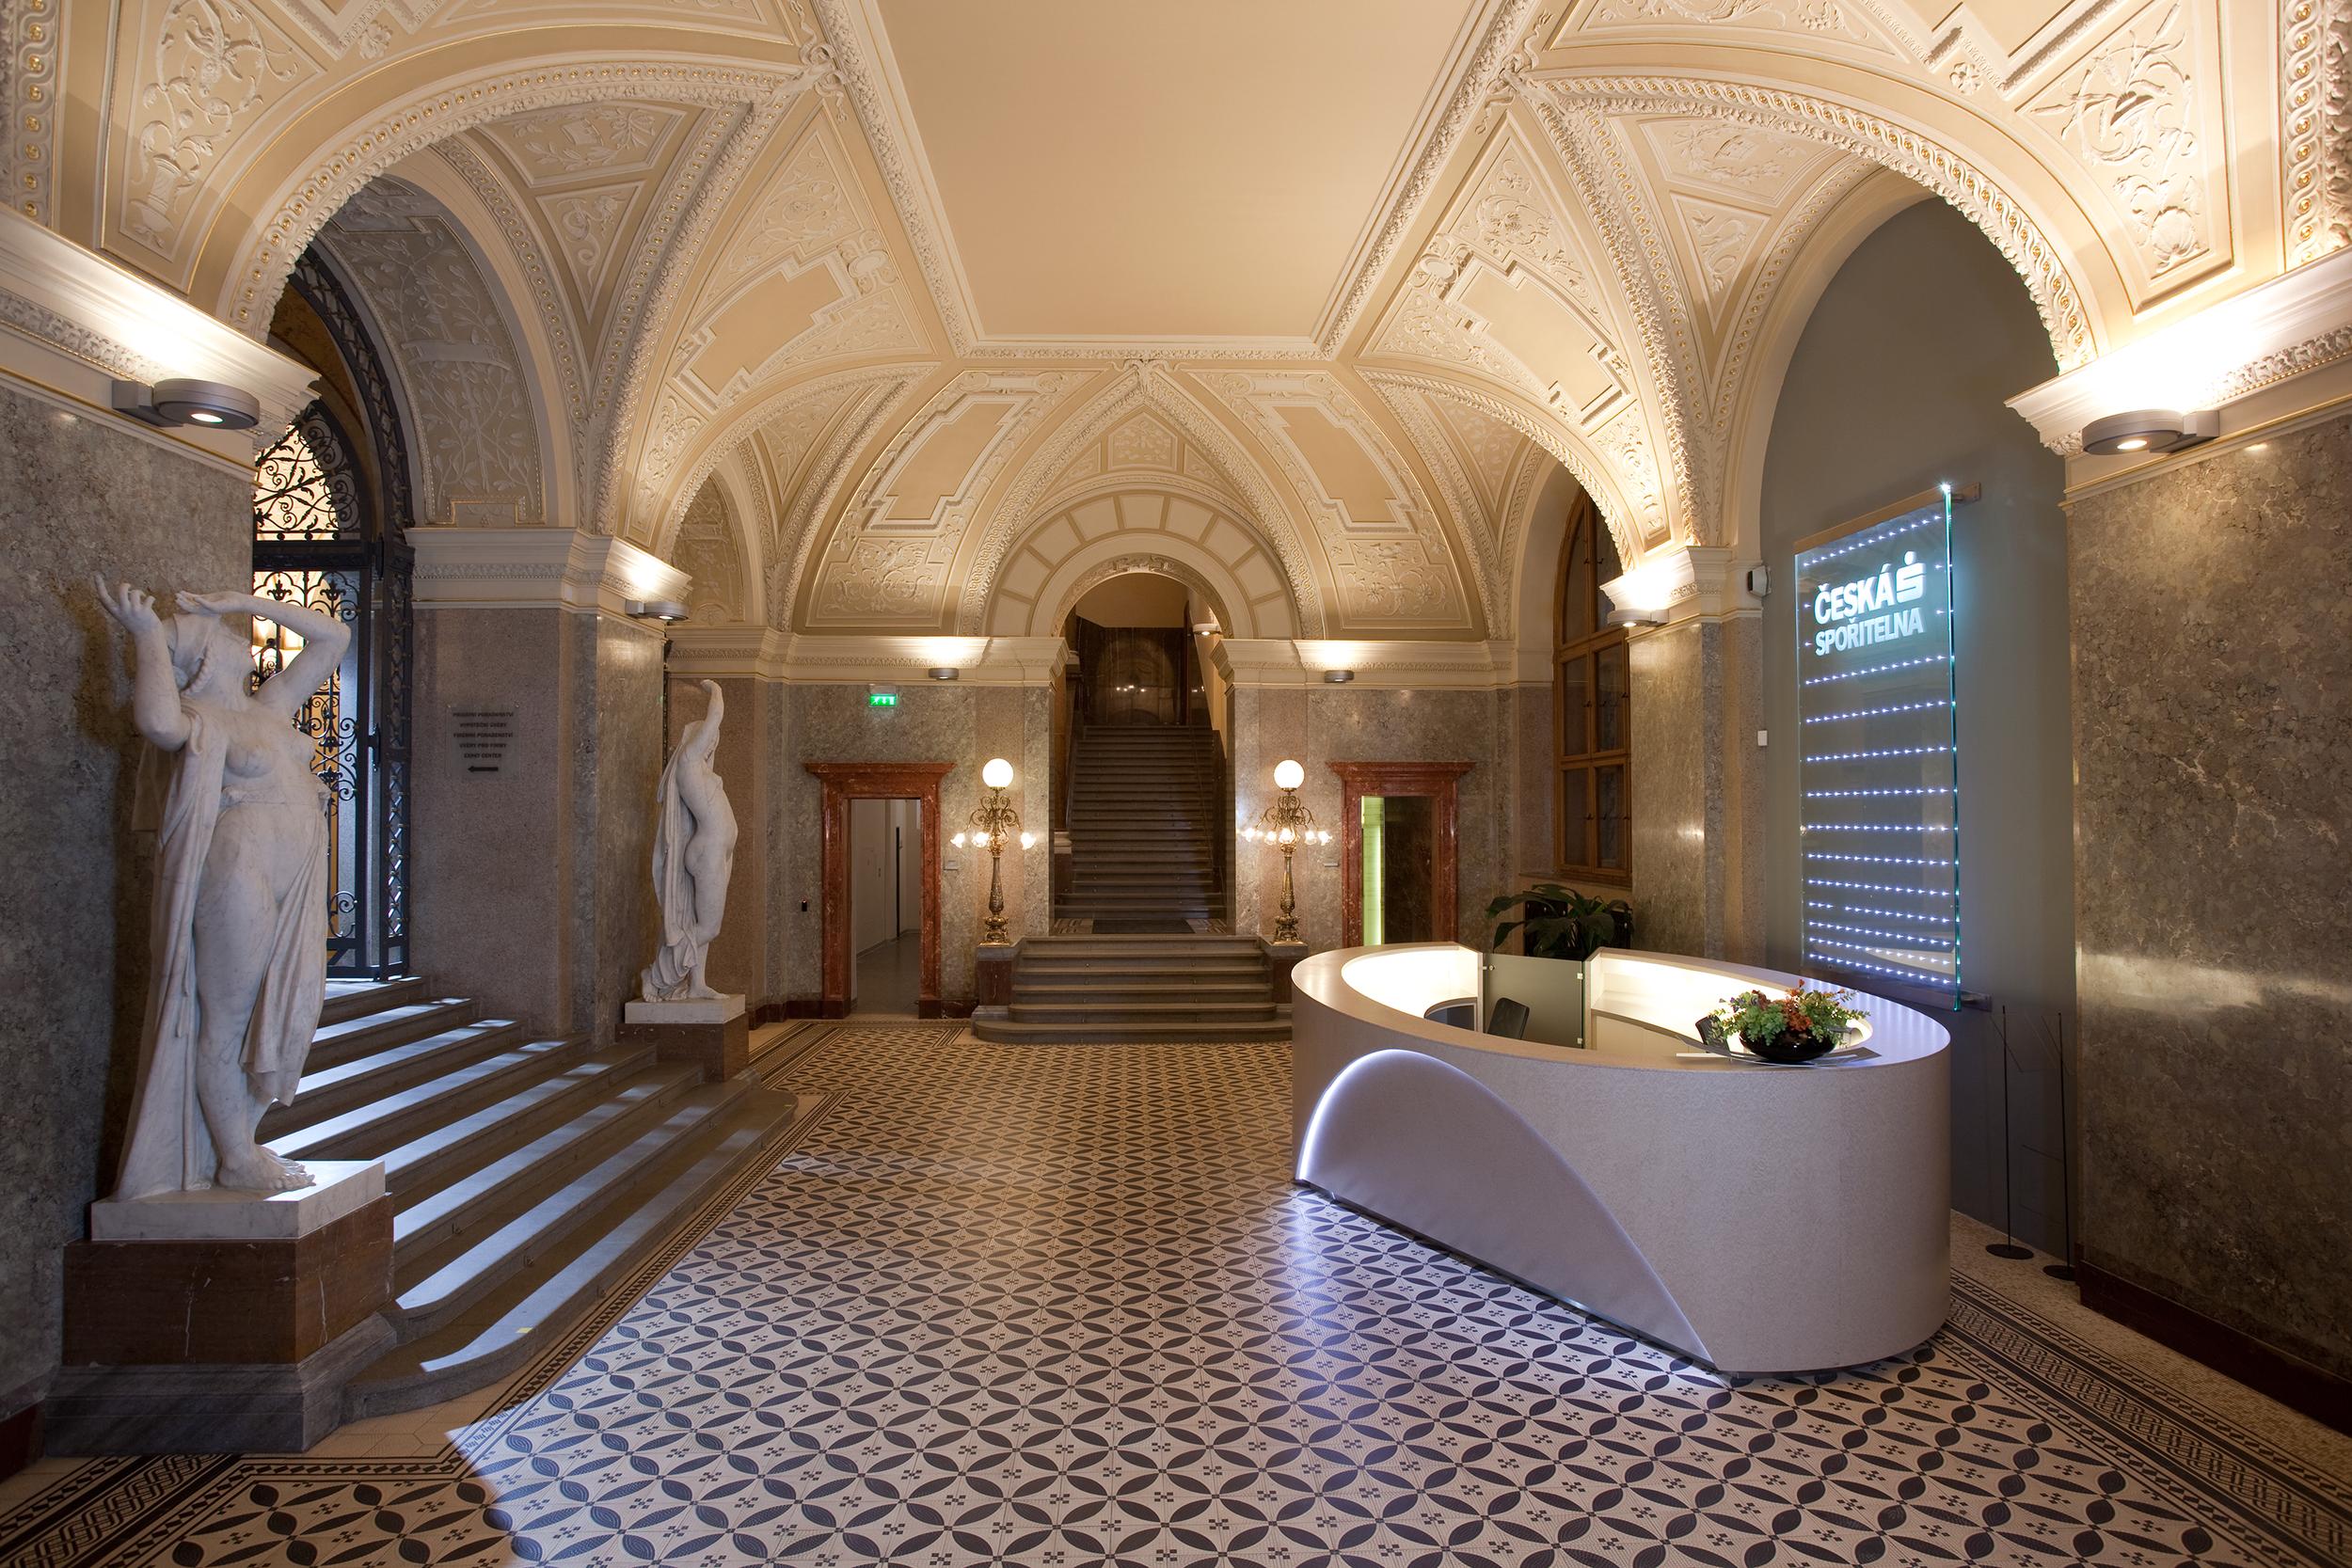 Palác Rytířská - centrála Českej sporiteľne